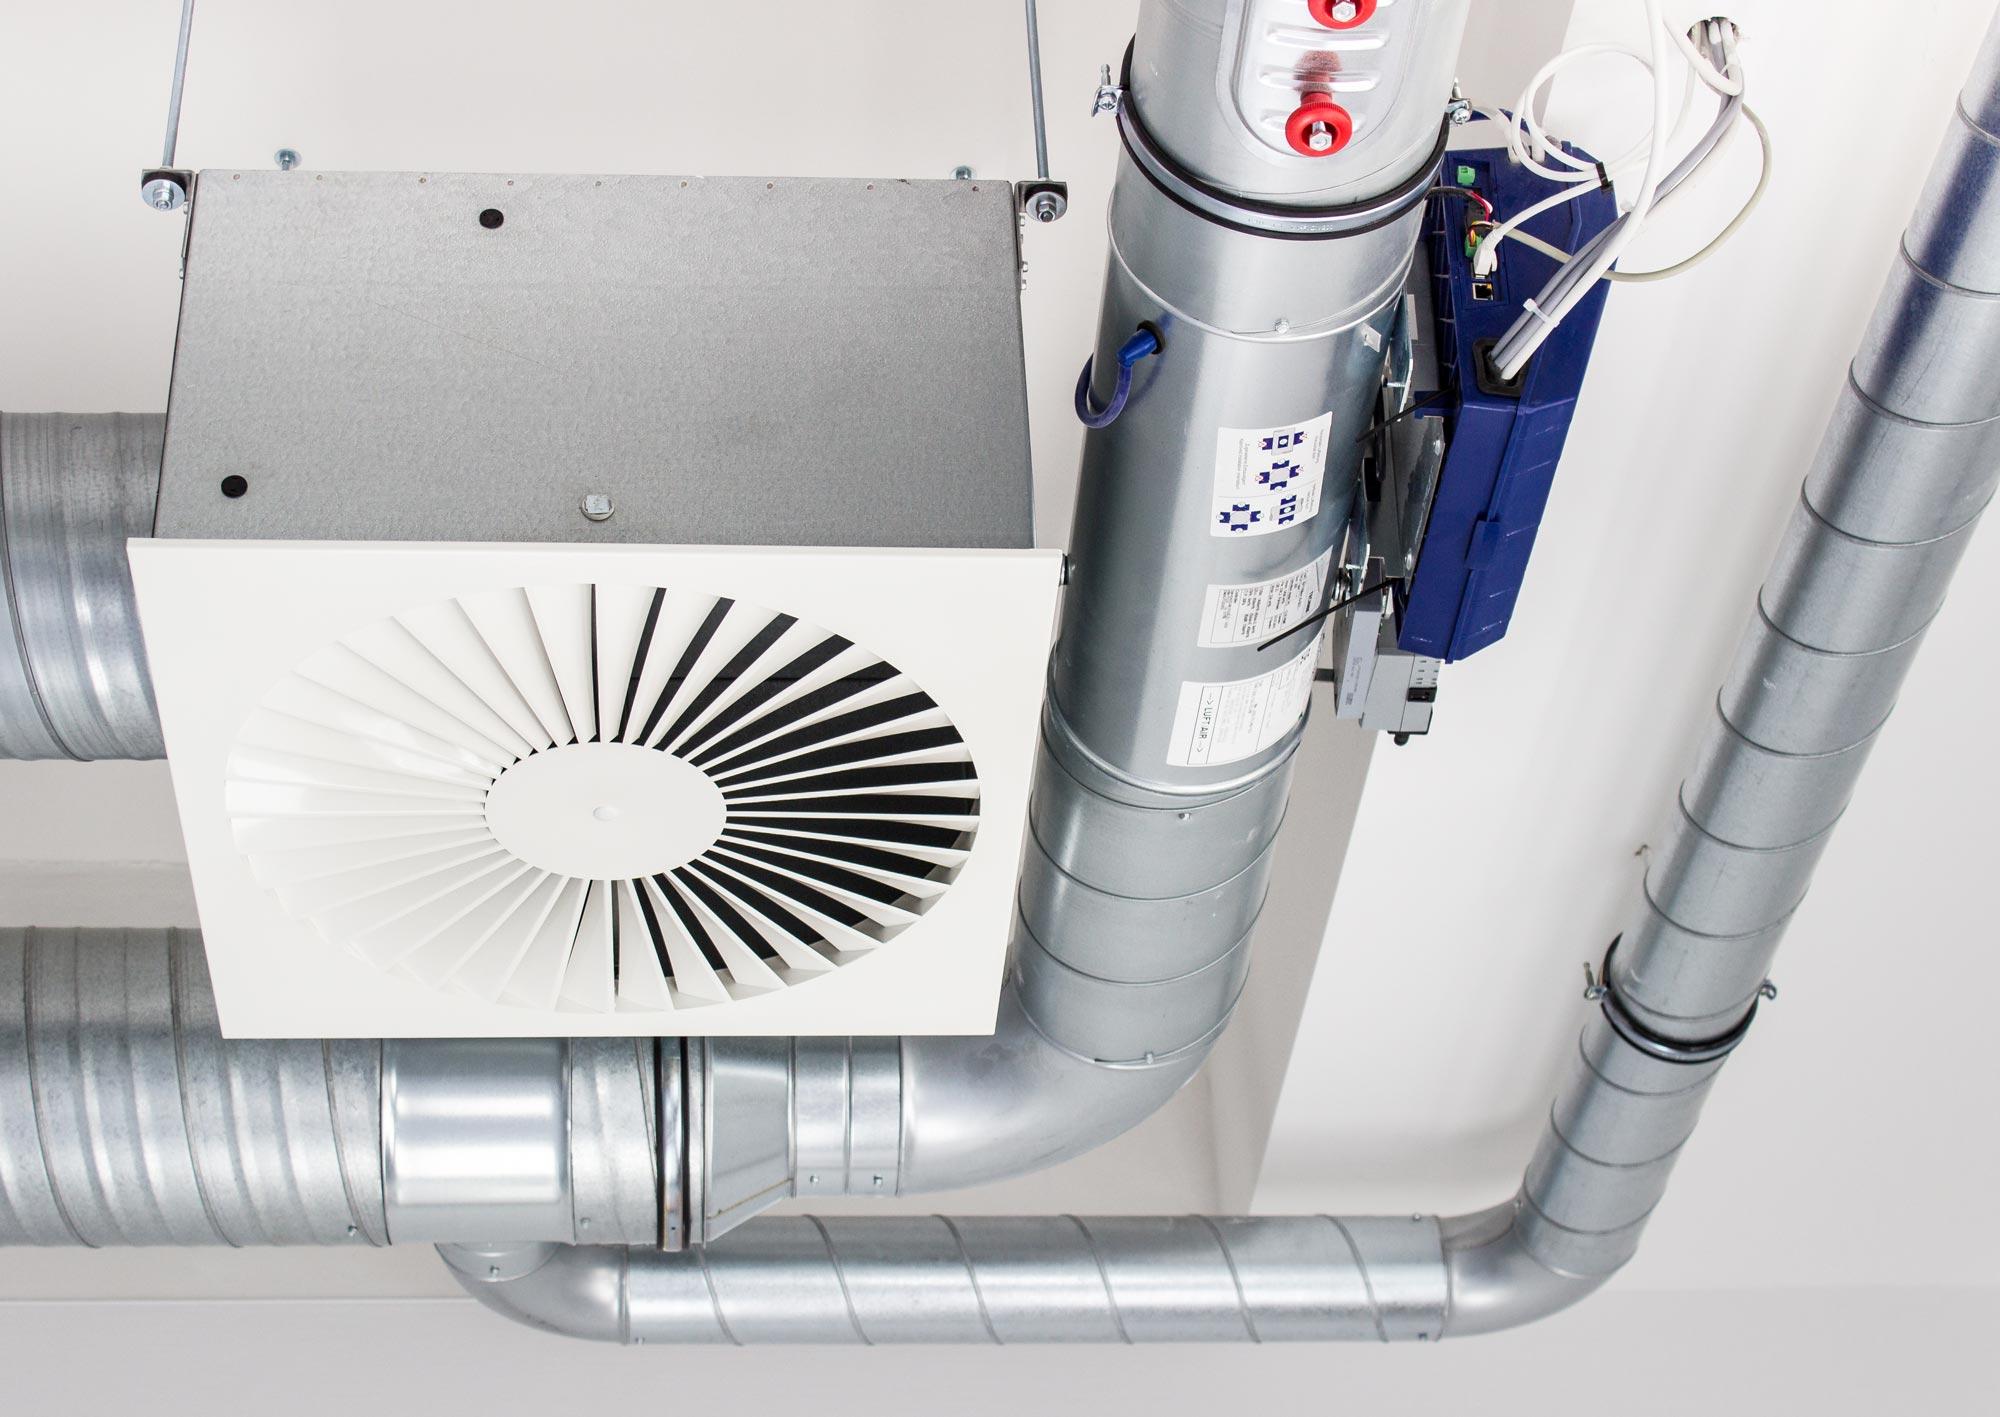 Installation av ventilationssystem i Kävlinge, Lund, Landskrona, Malmö, Helsingborg m.fl.